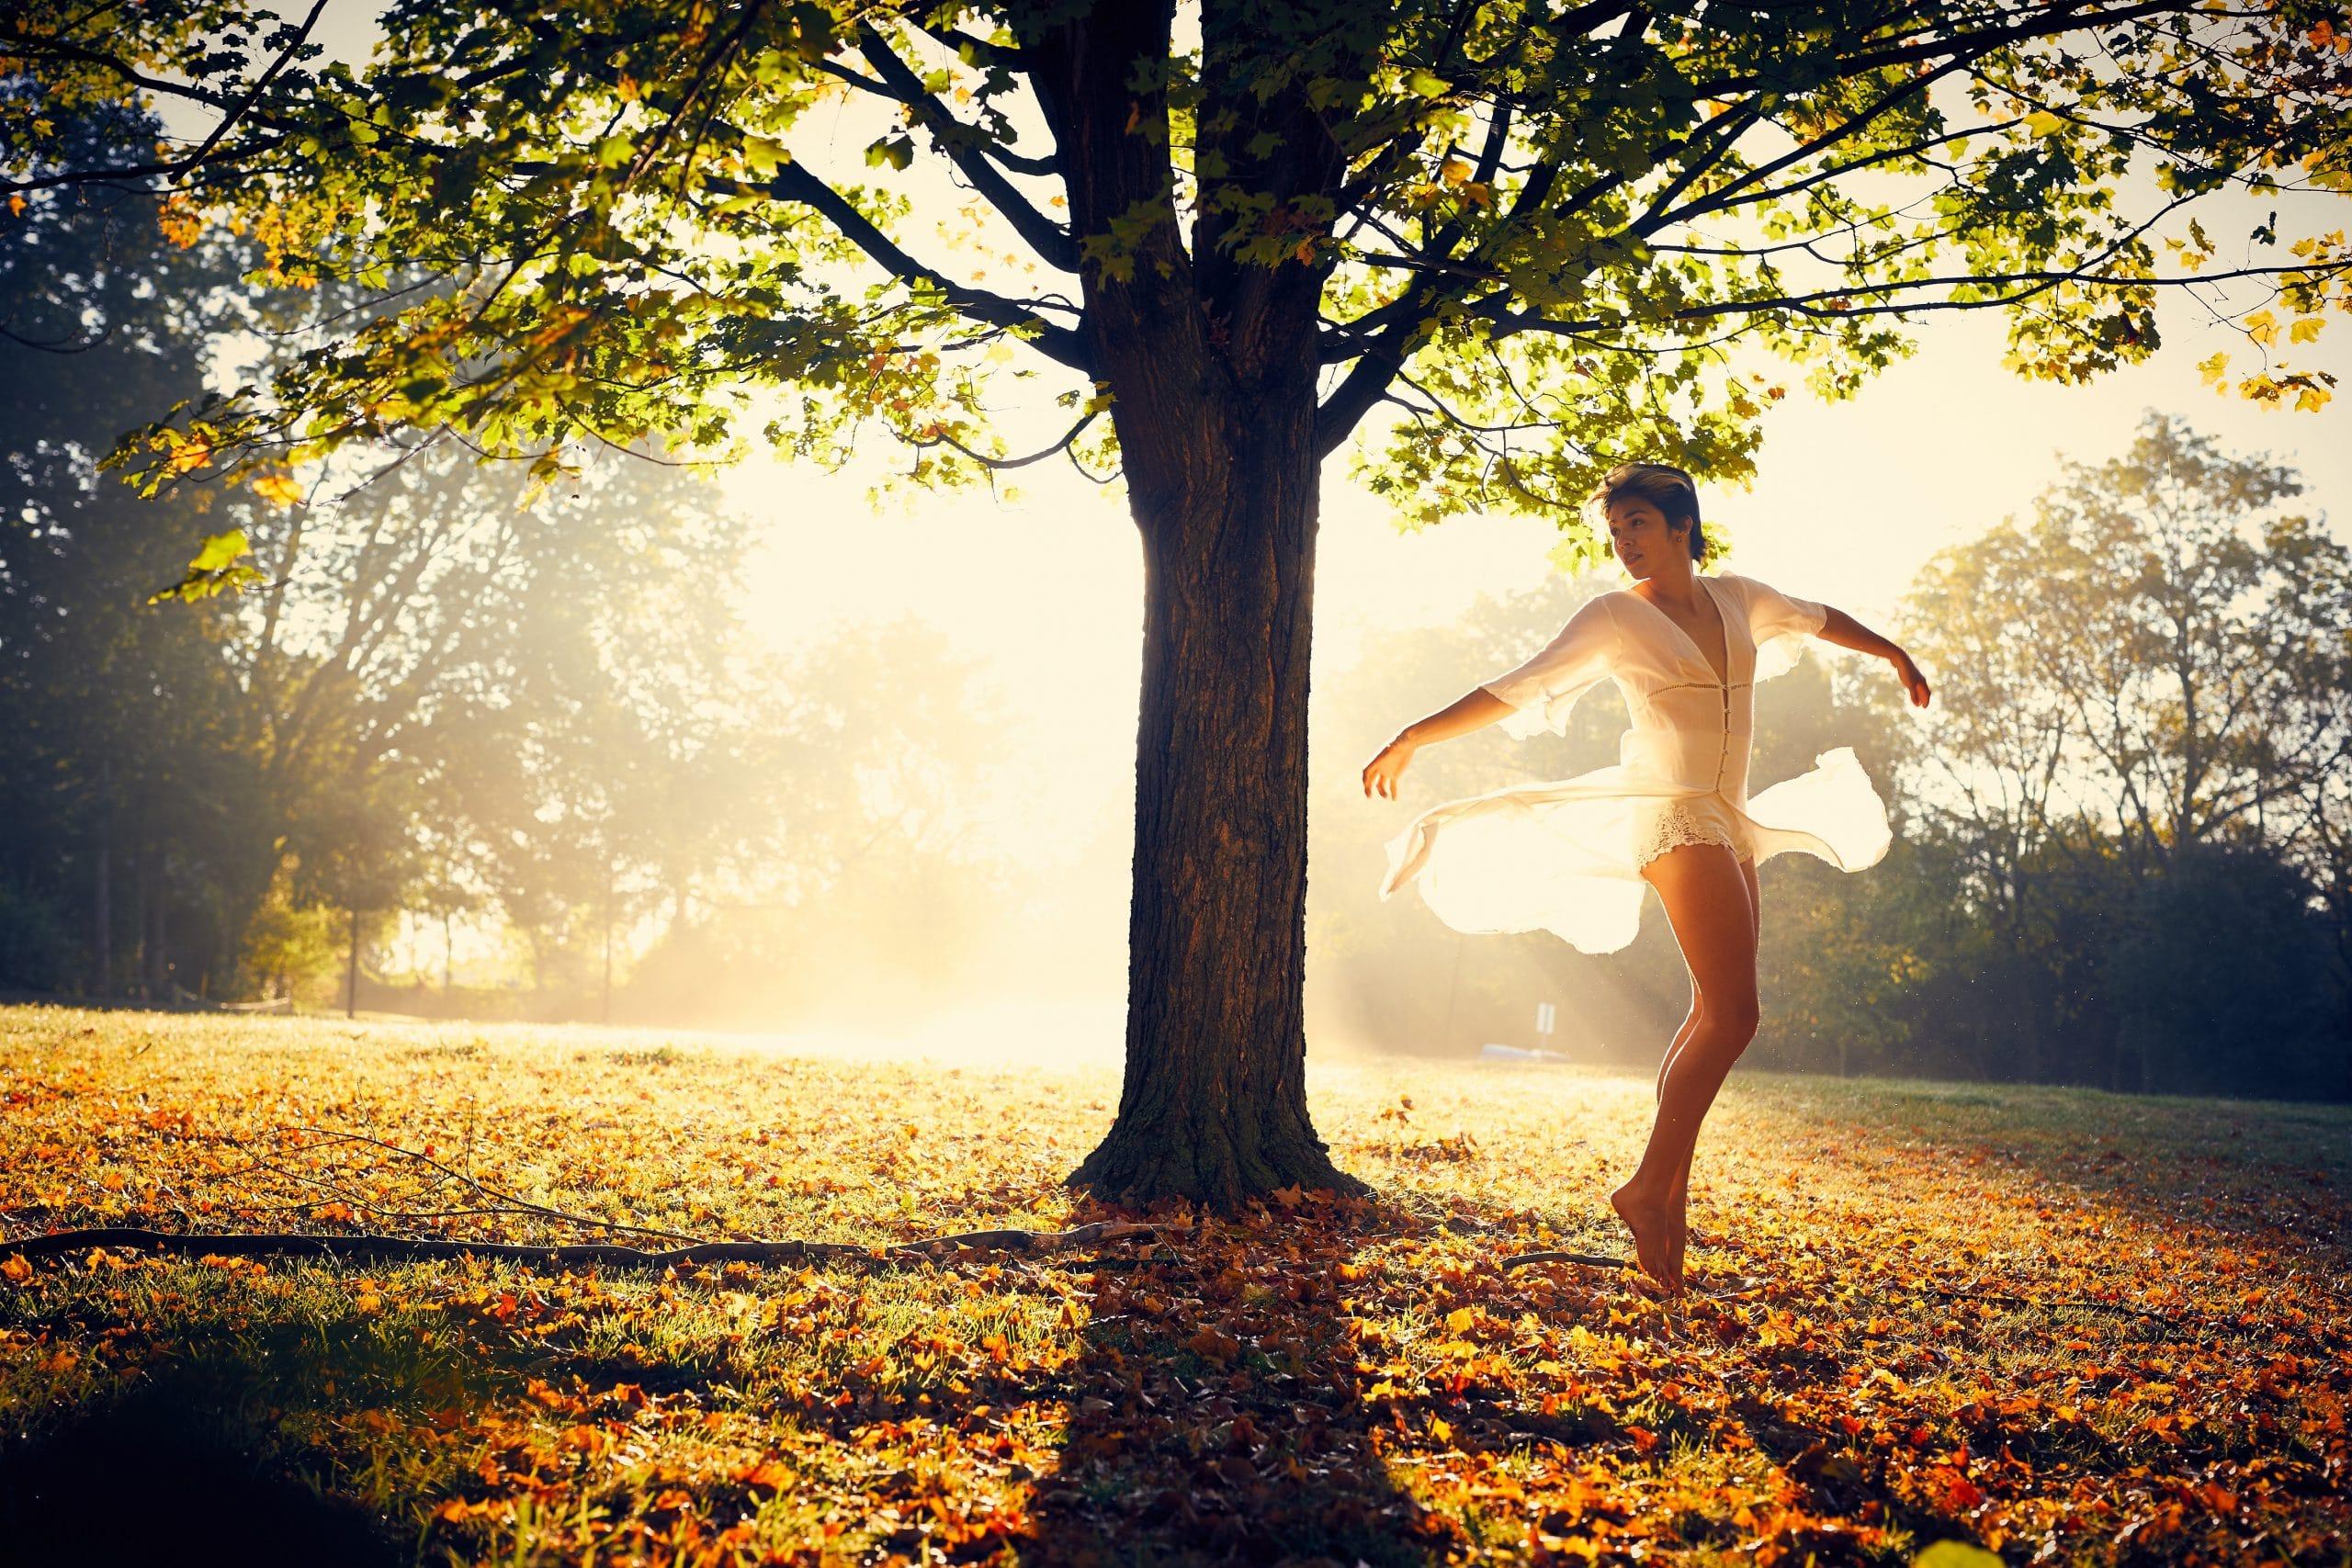 Mulher dançando ao lado de árvore com sol reluzindo